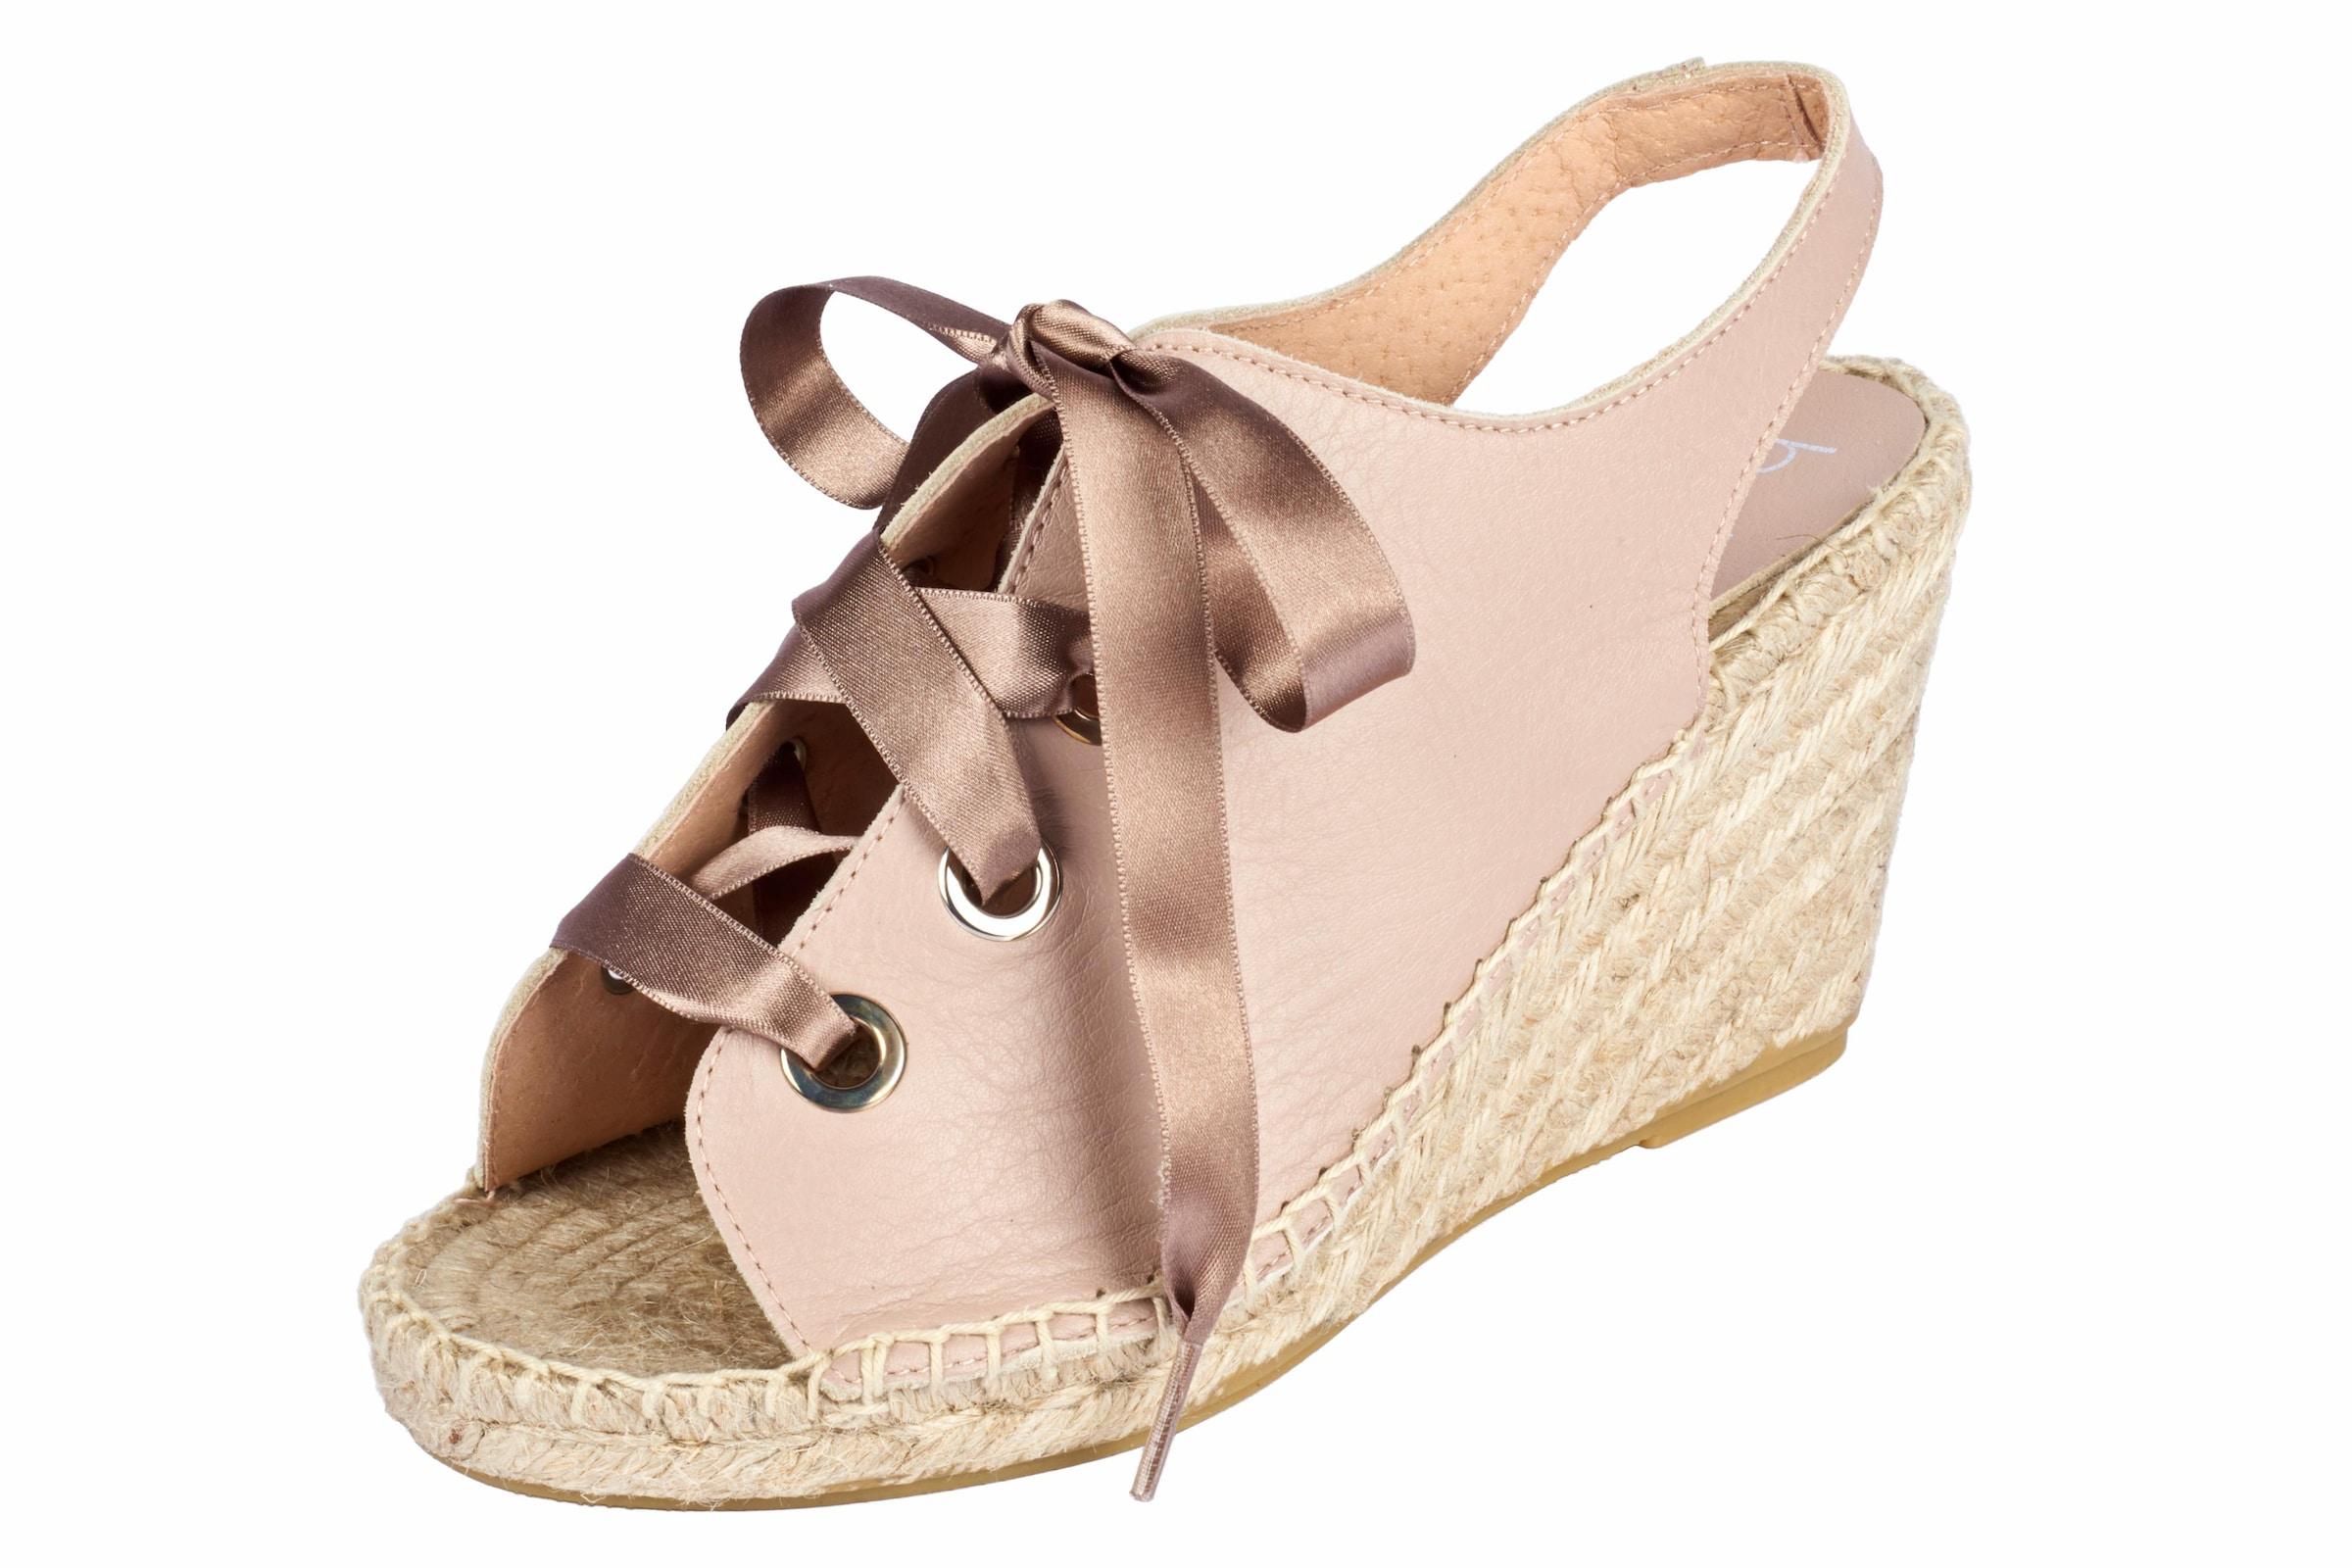 heine Sandalette mit Schnürung Verschleißfeste billige Schuhe